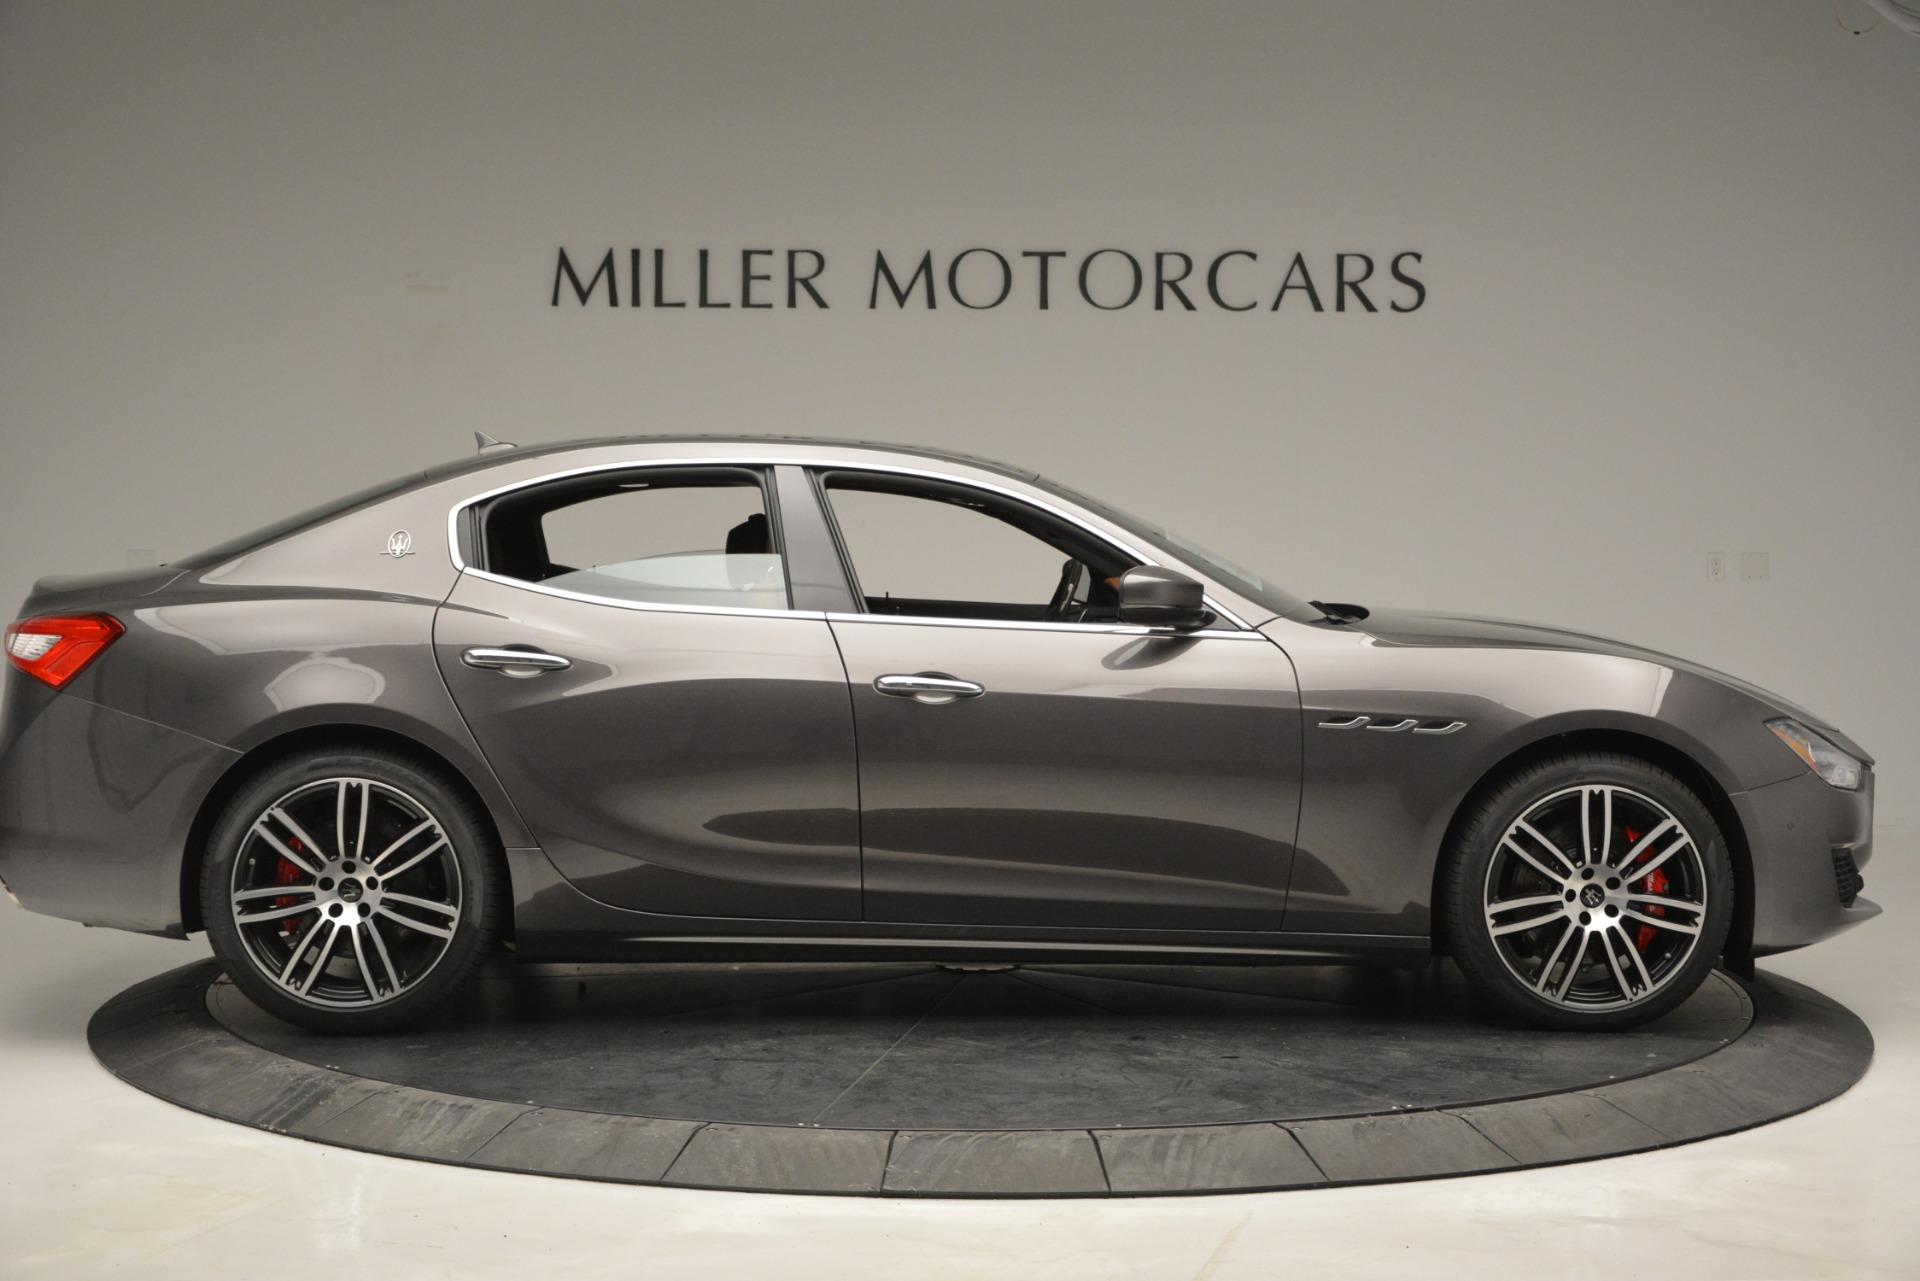 New 2019 Maserati Ghibli S Q4 For Sale In Greenwich, CT. Alfa Romeo of Greenwich, M2202 2623_p8